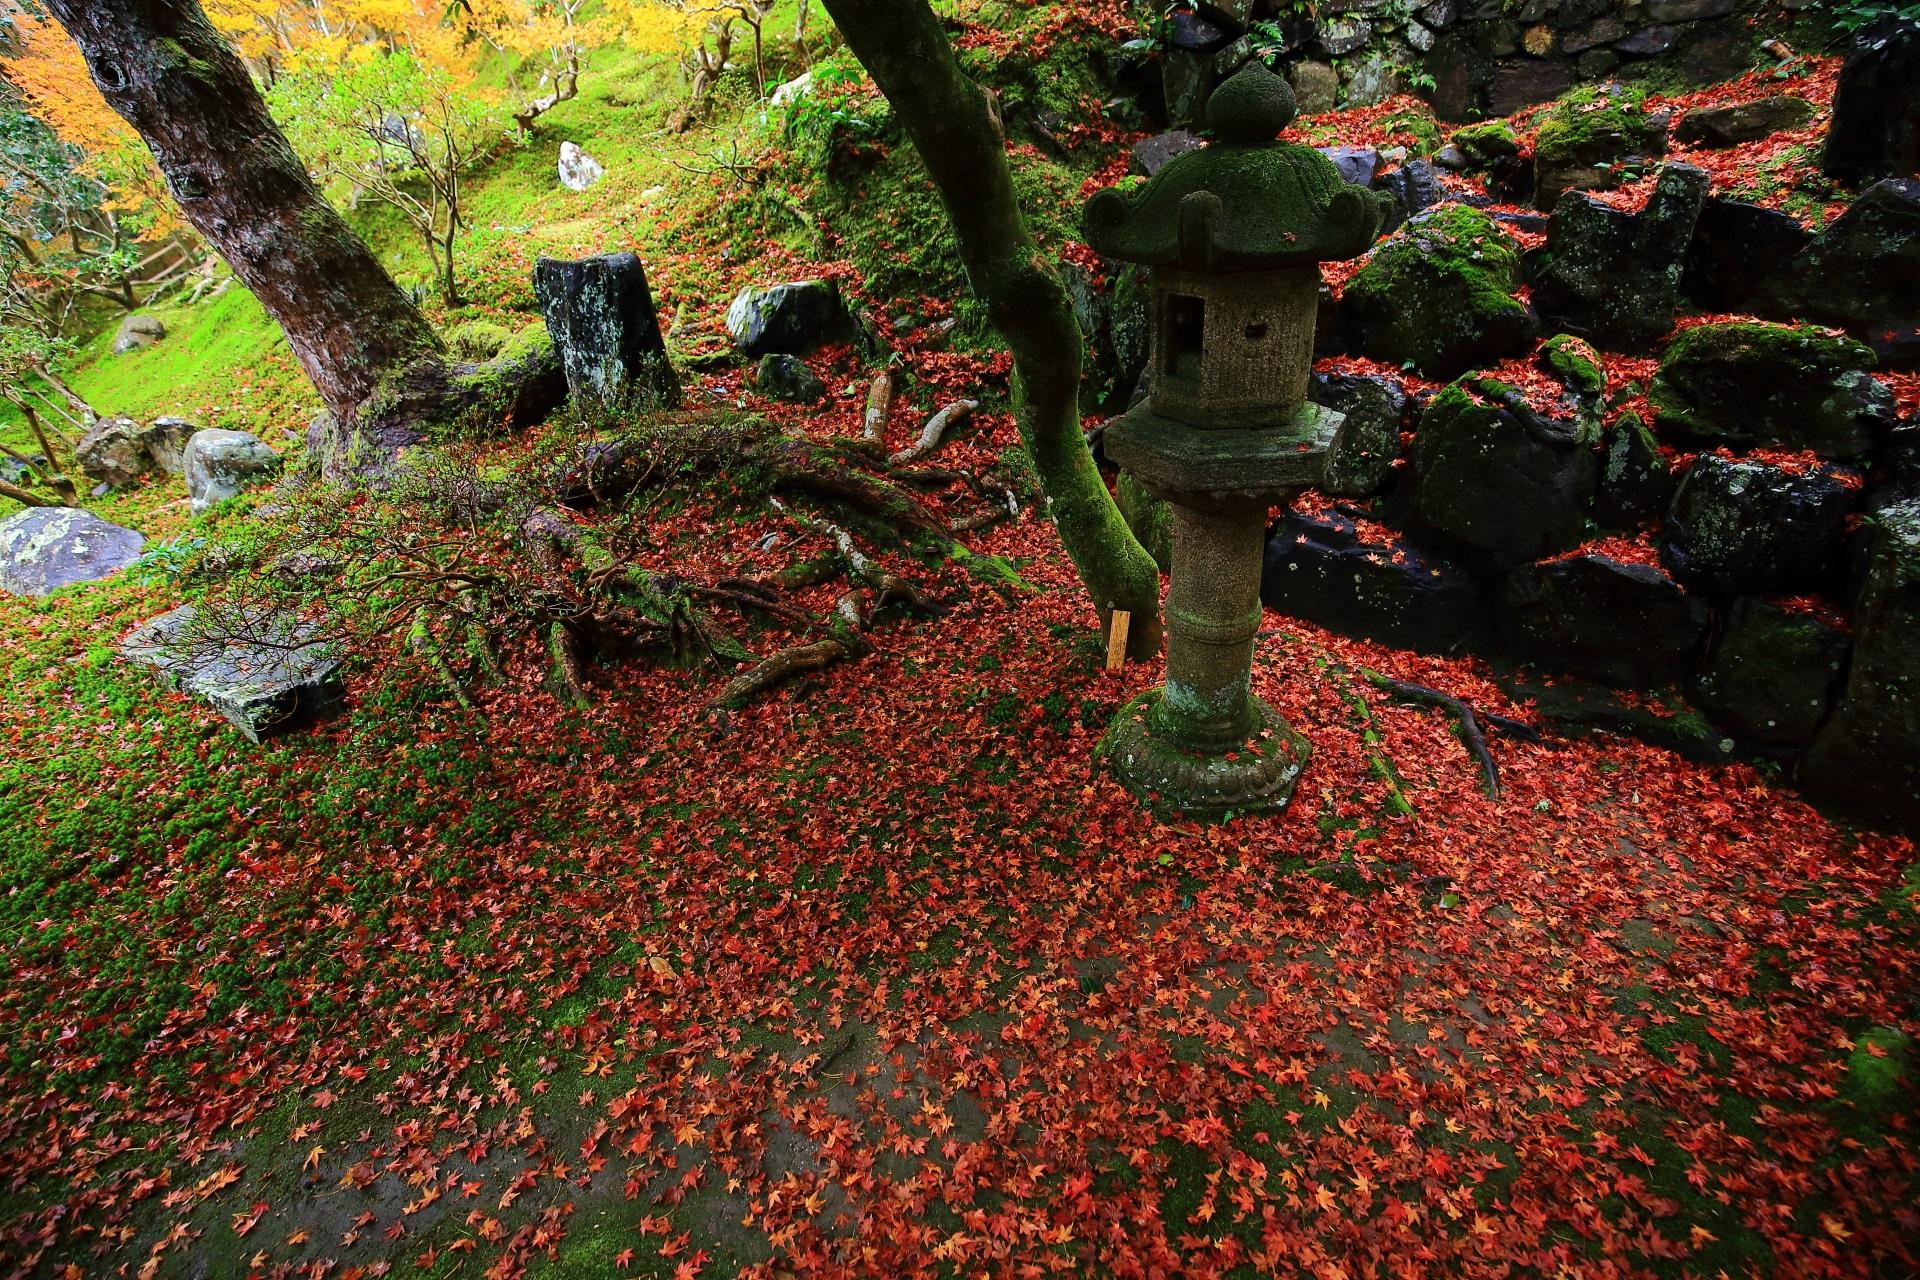 溢れる散紅葉の中に佇む燈籠